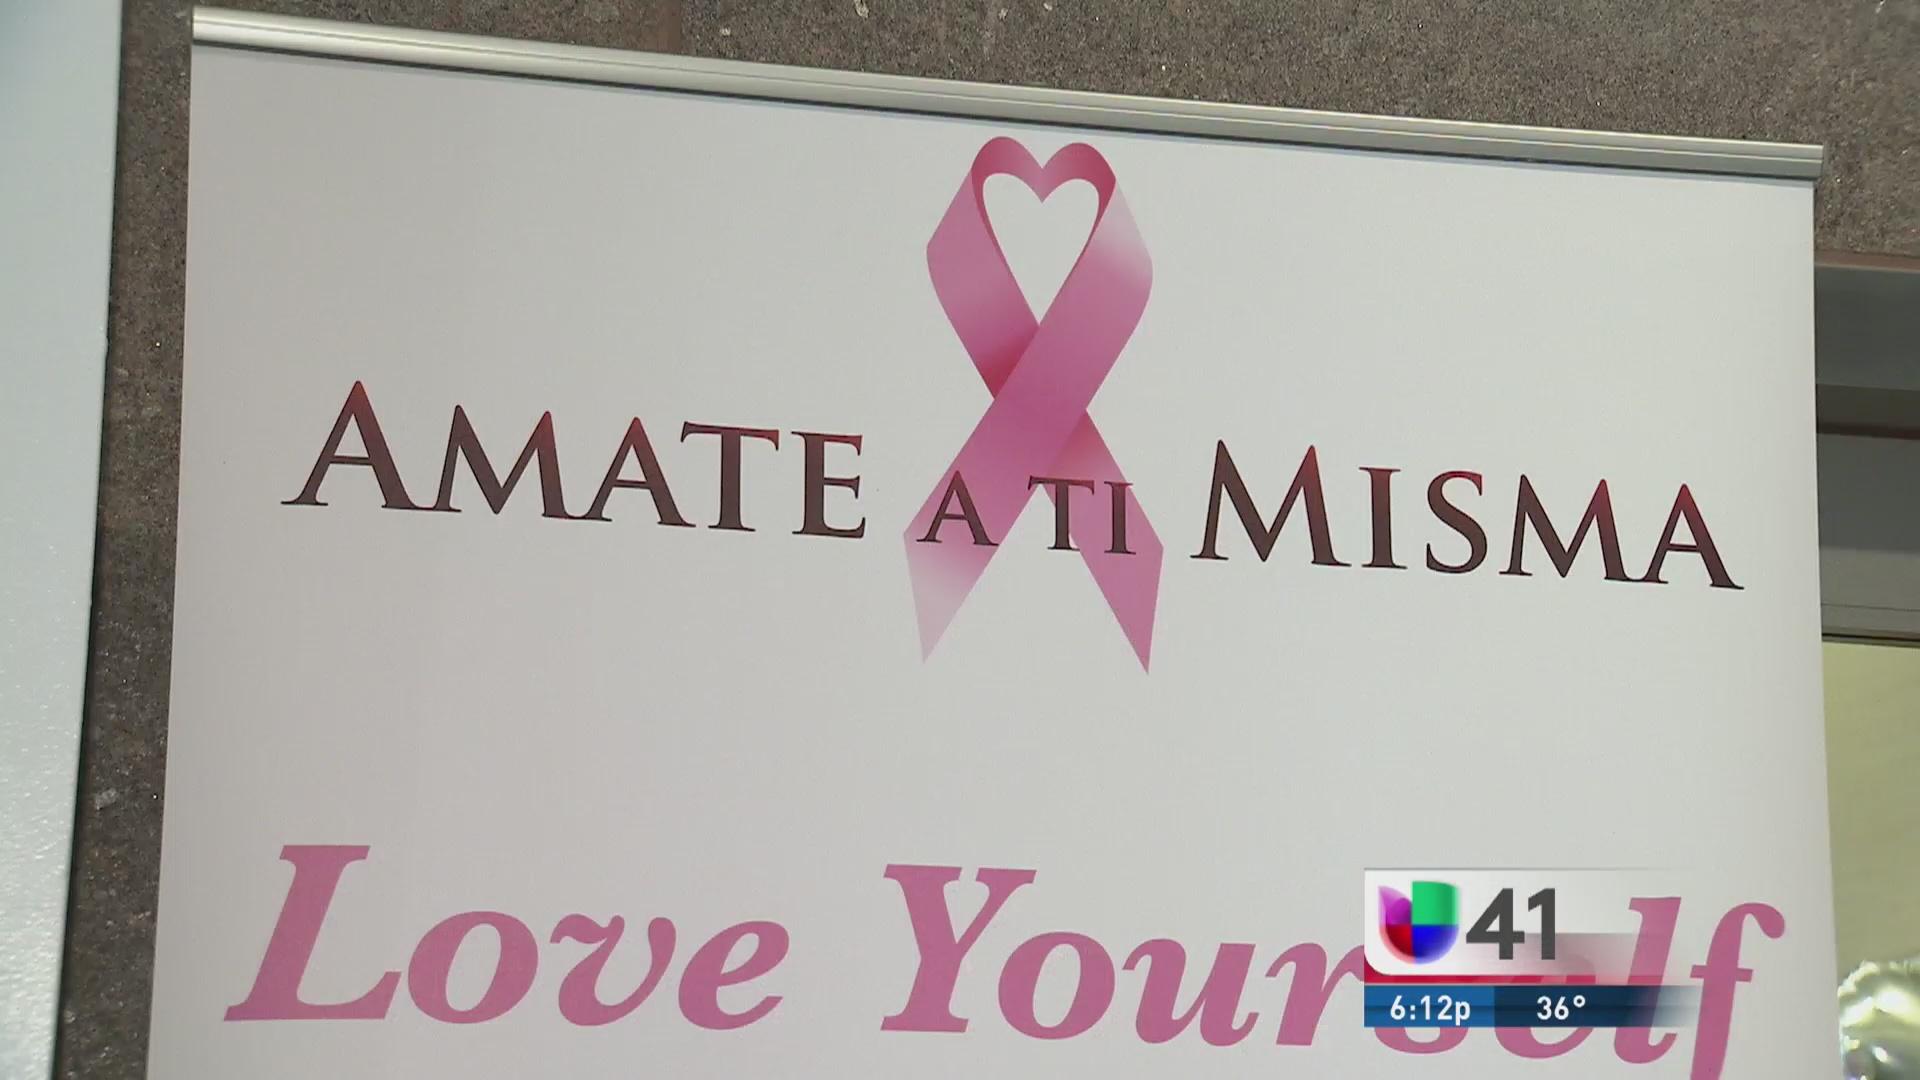 Ámate a ti misma y evita el cáncer de mama